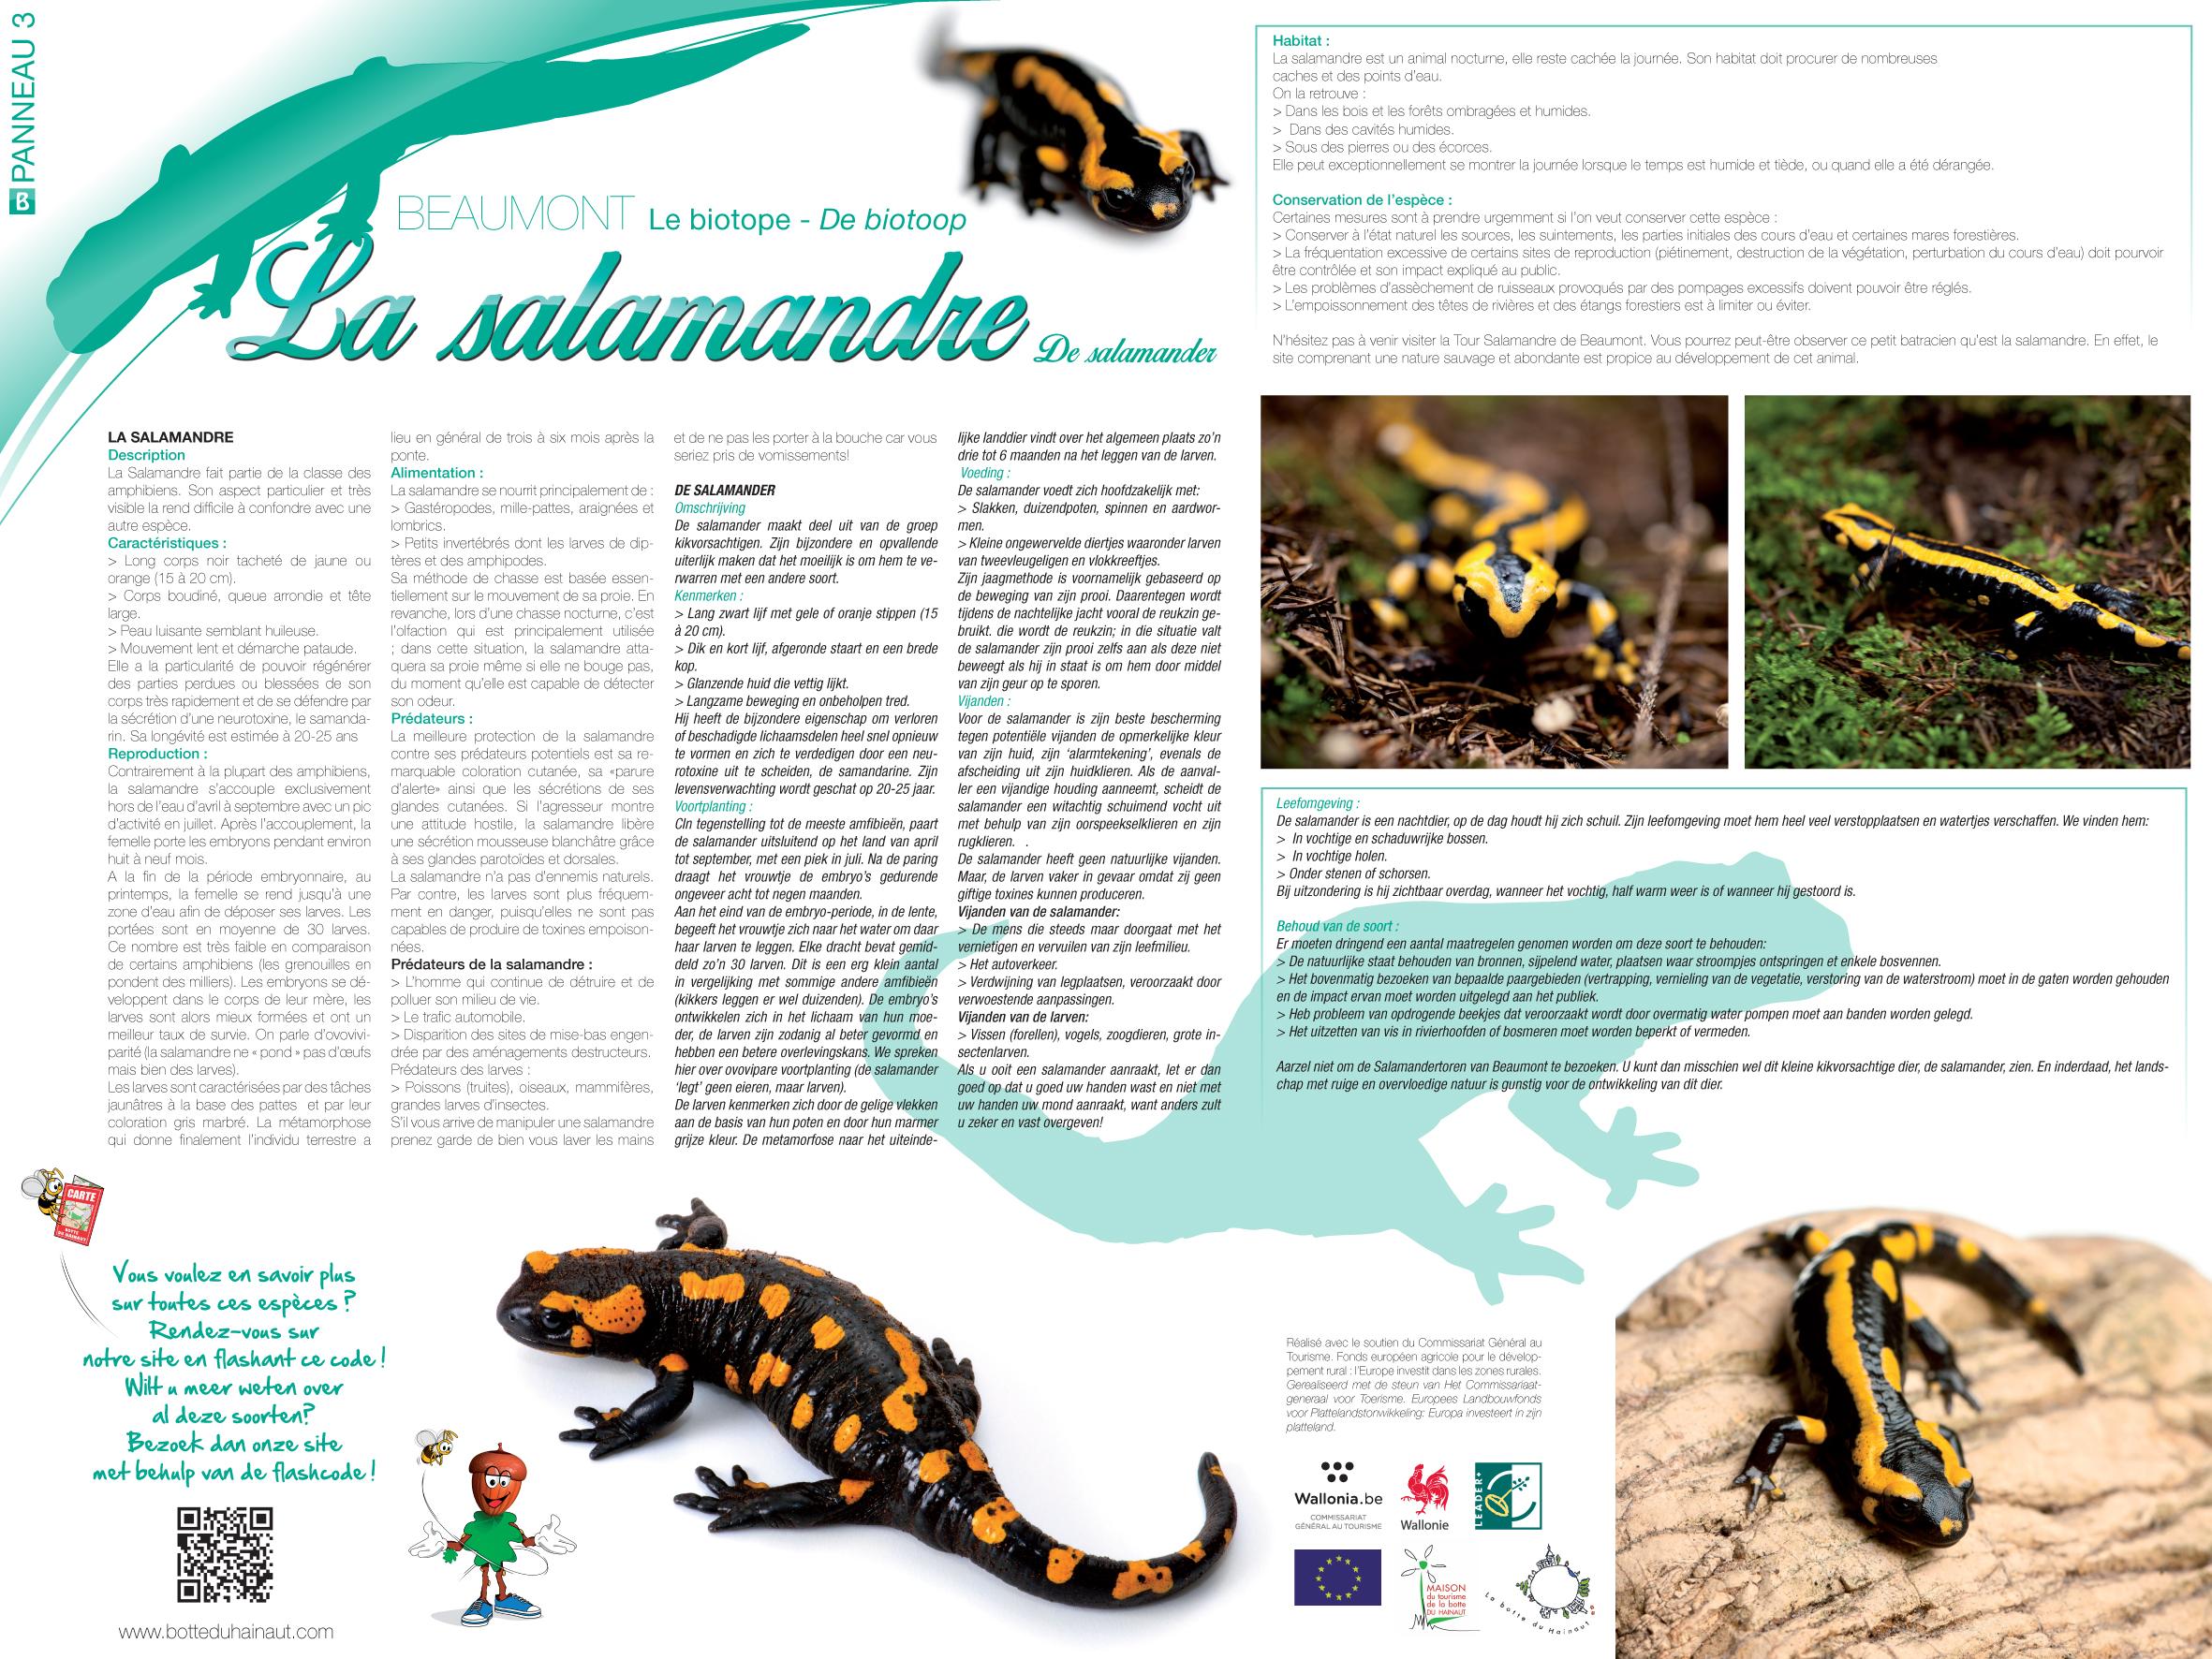 Beaumont_La salamandre